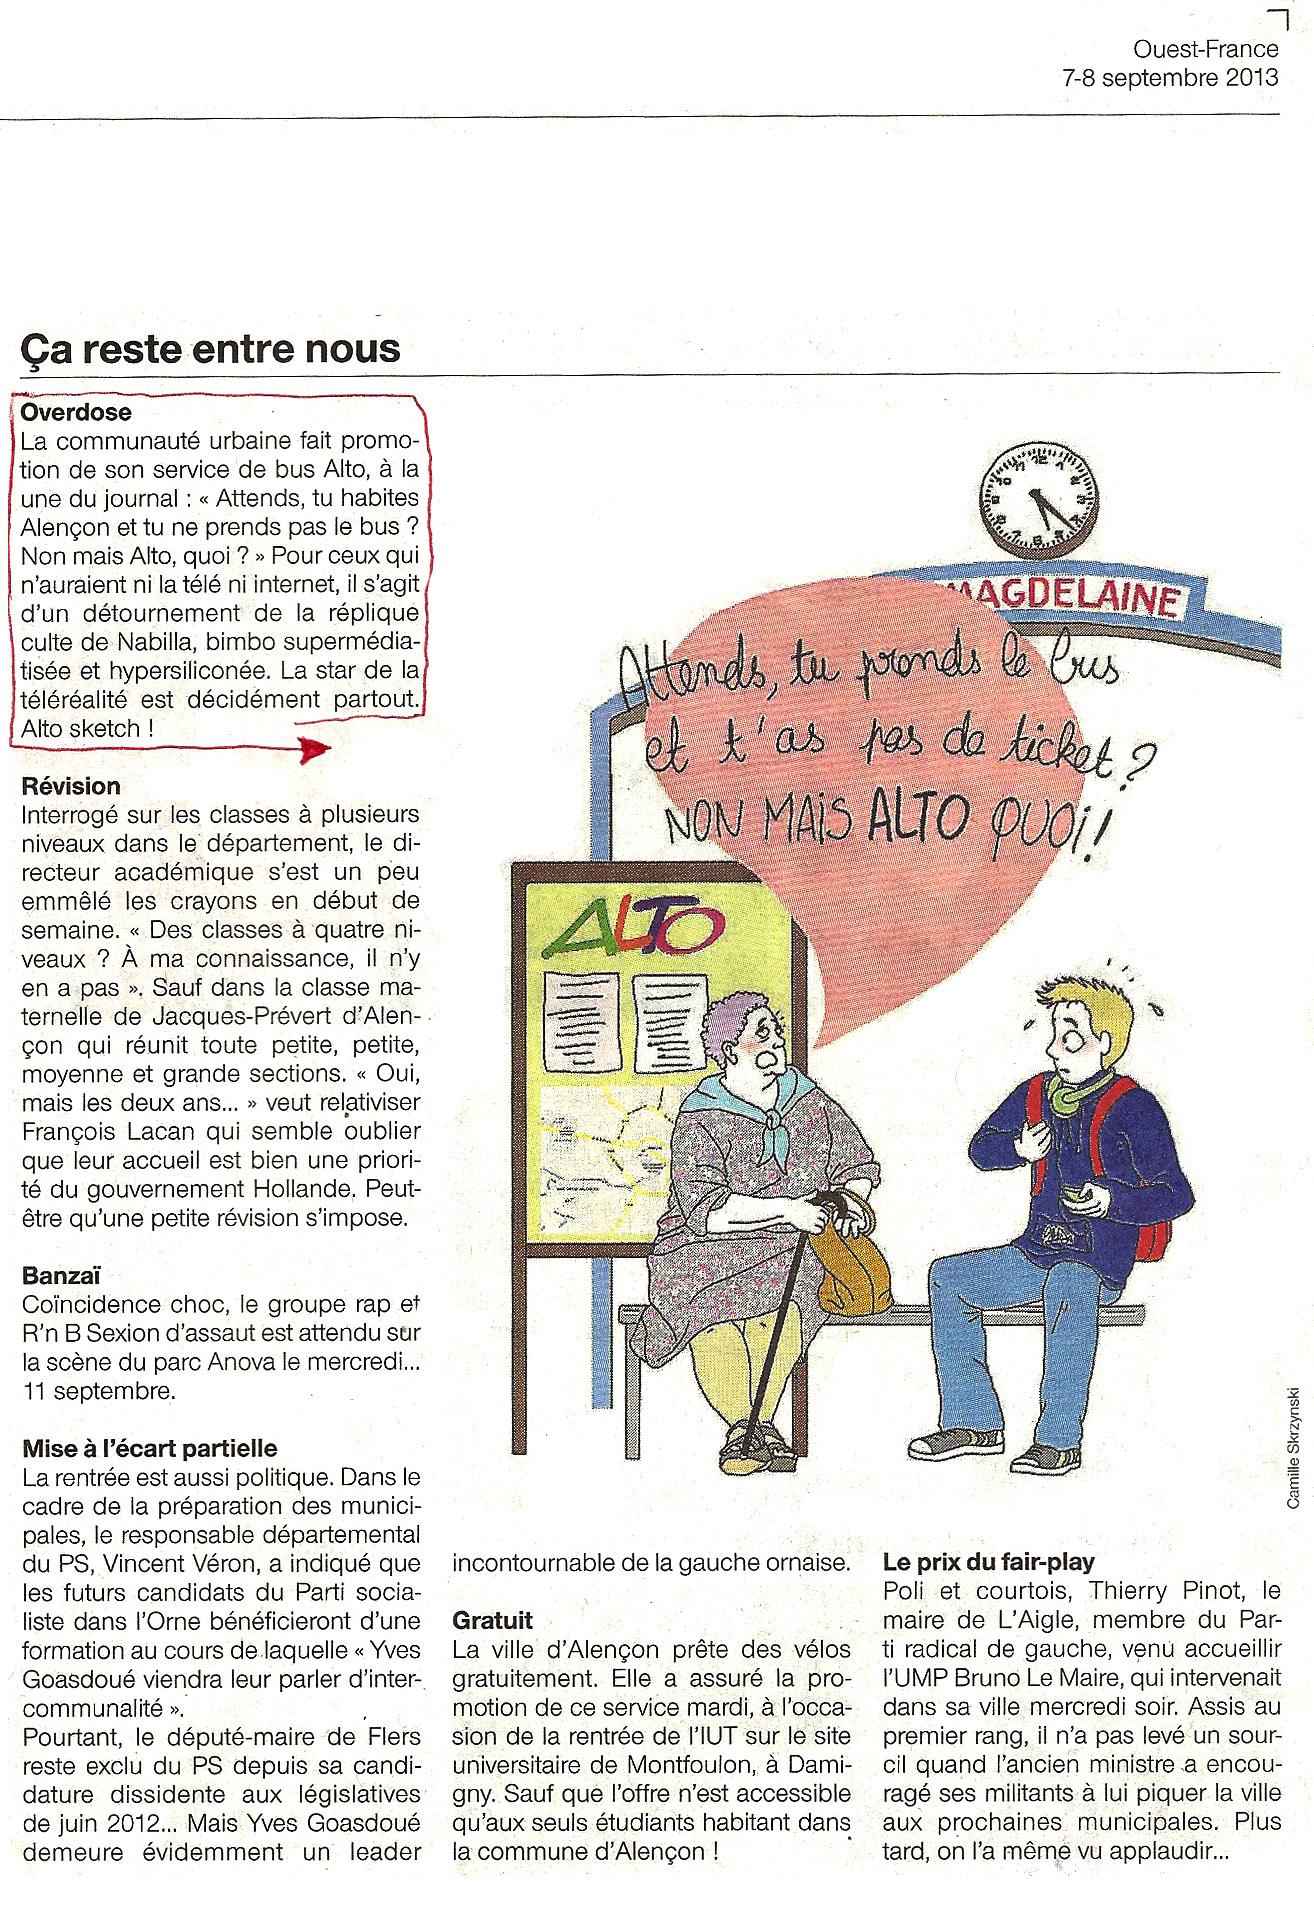 Camille Skrzynski - Petites BD du Jour dans le Ouest France Orne